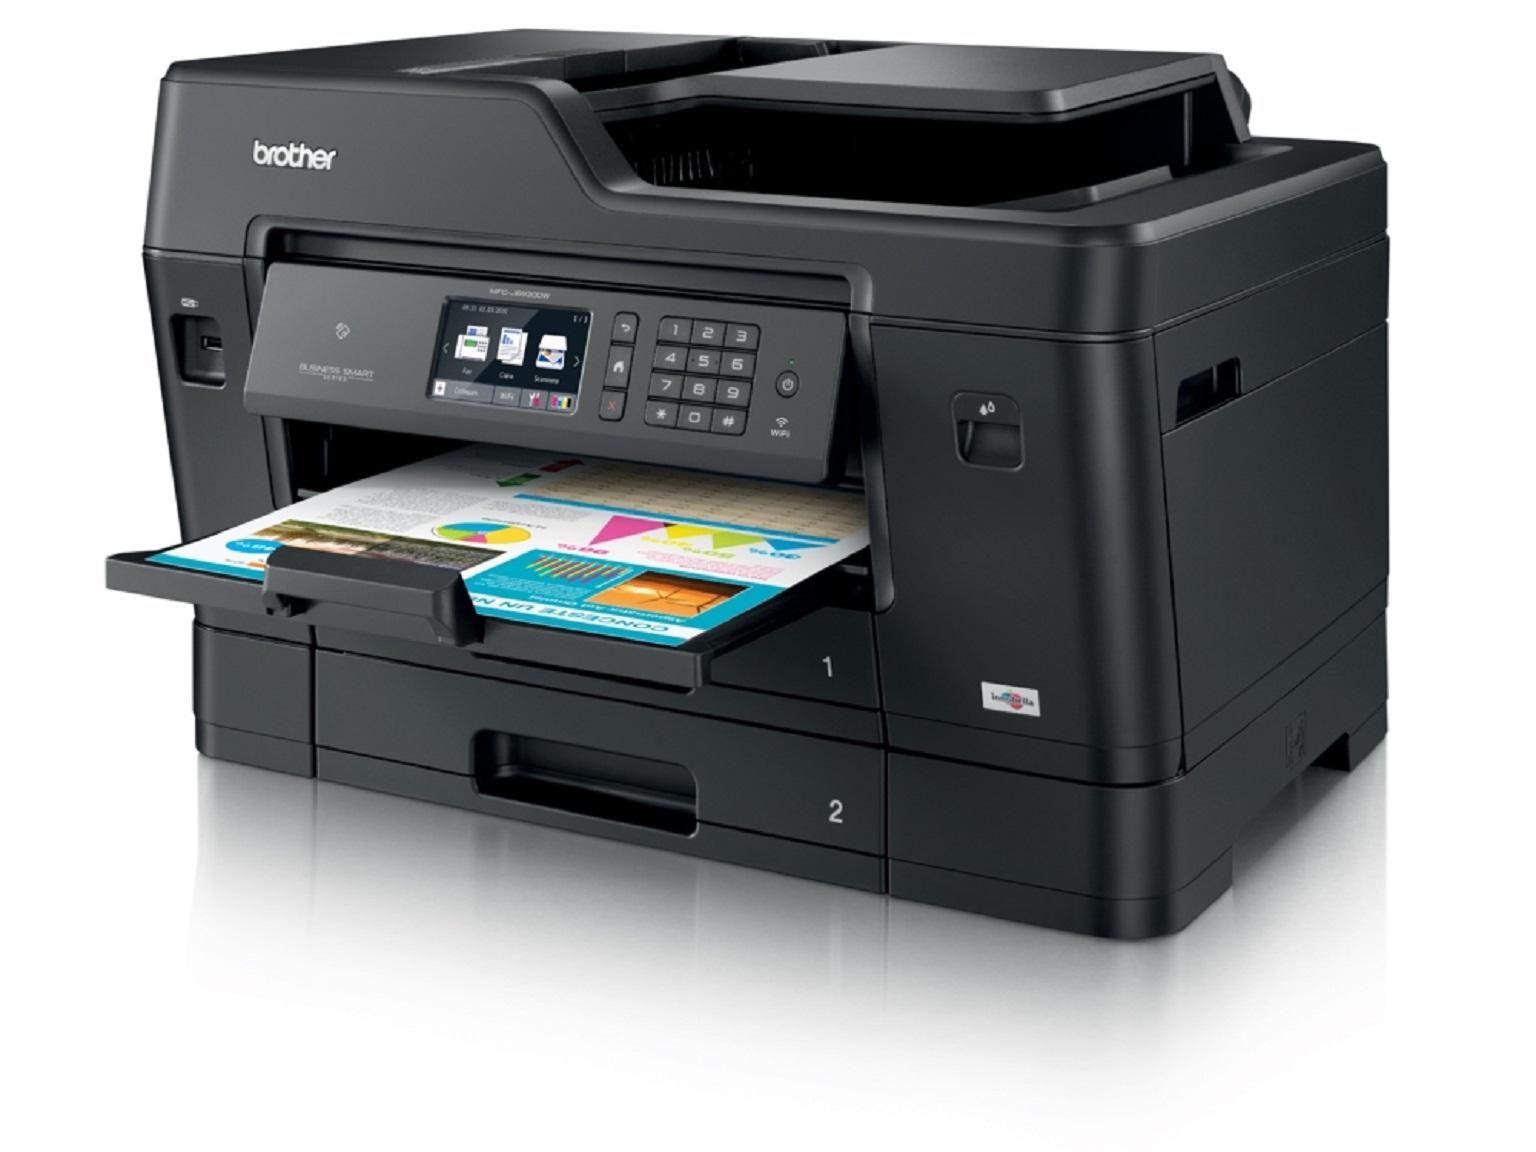 Stampante multifunzione inkjet A3 Brother MFC-J6930DW con stampa a colori in uscita